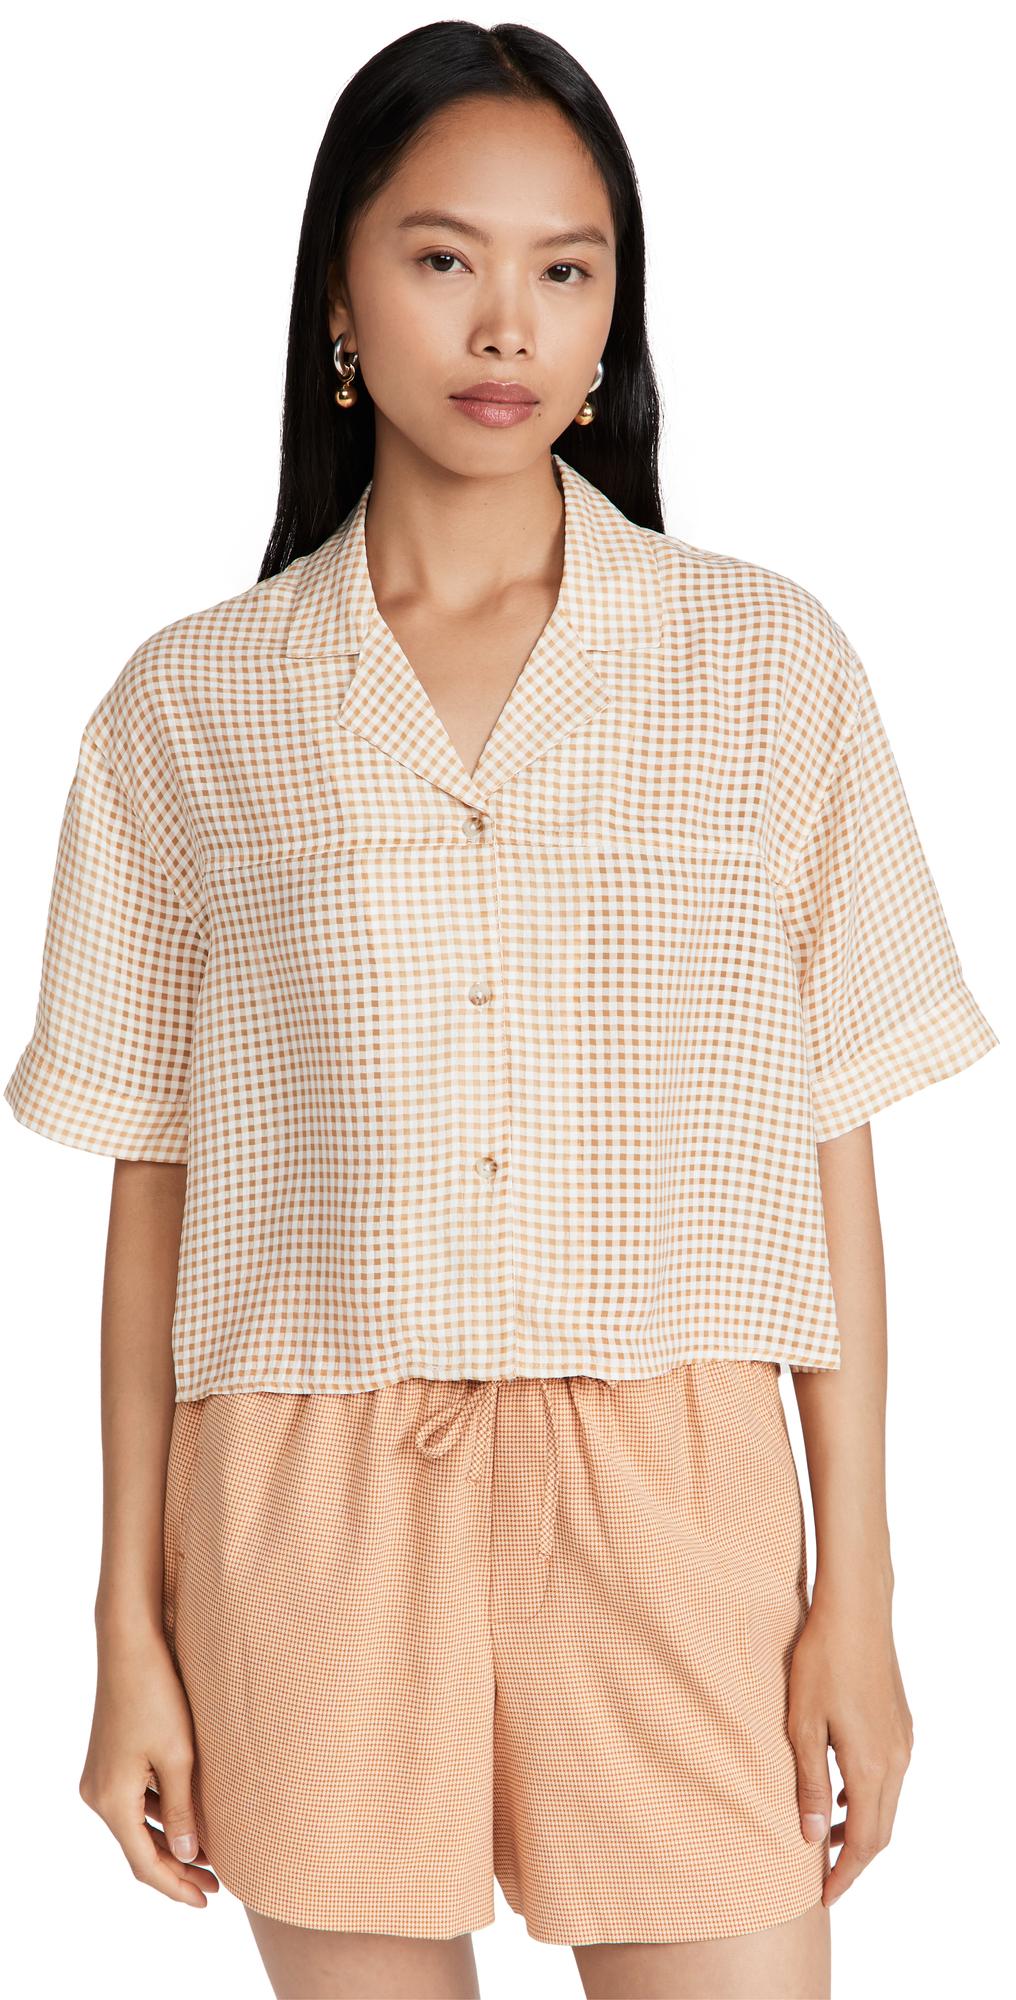 Edgar Cropped Shirt